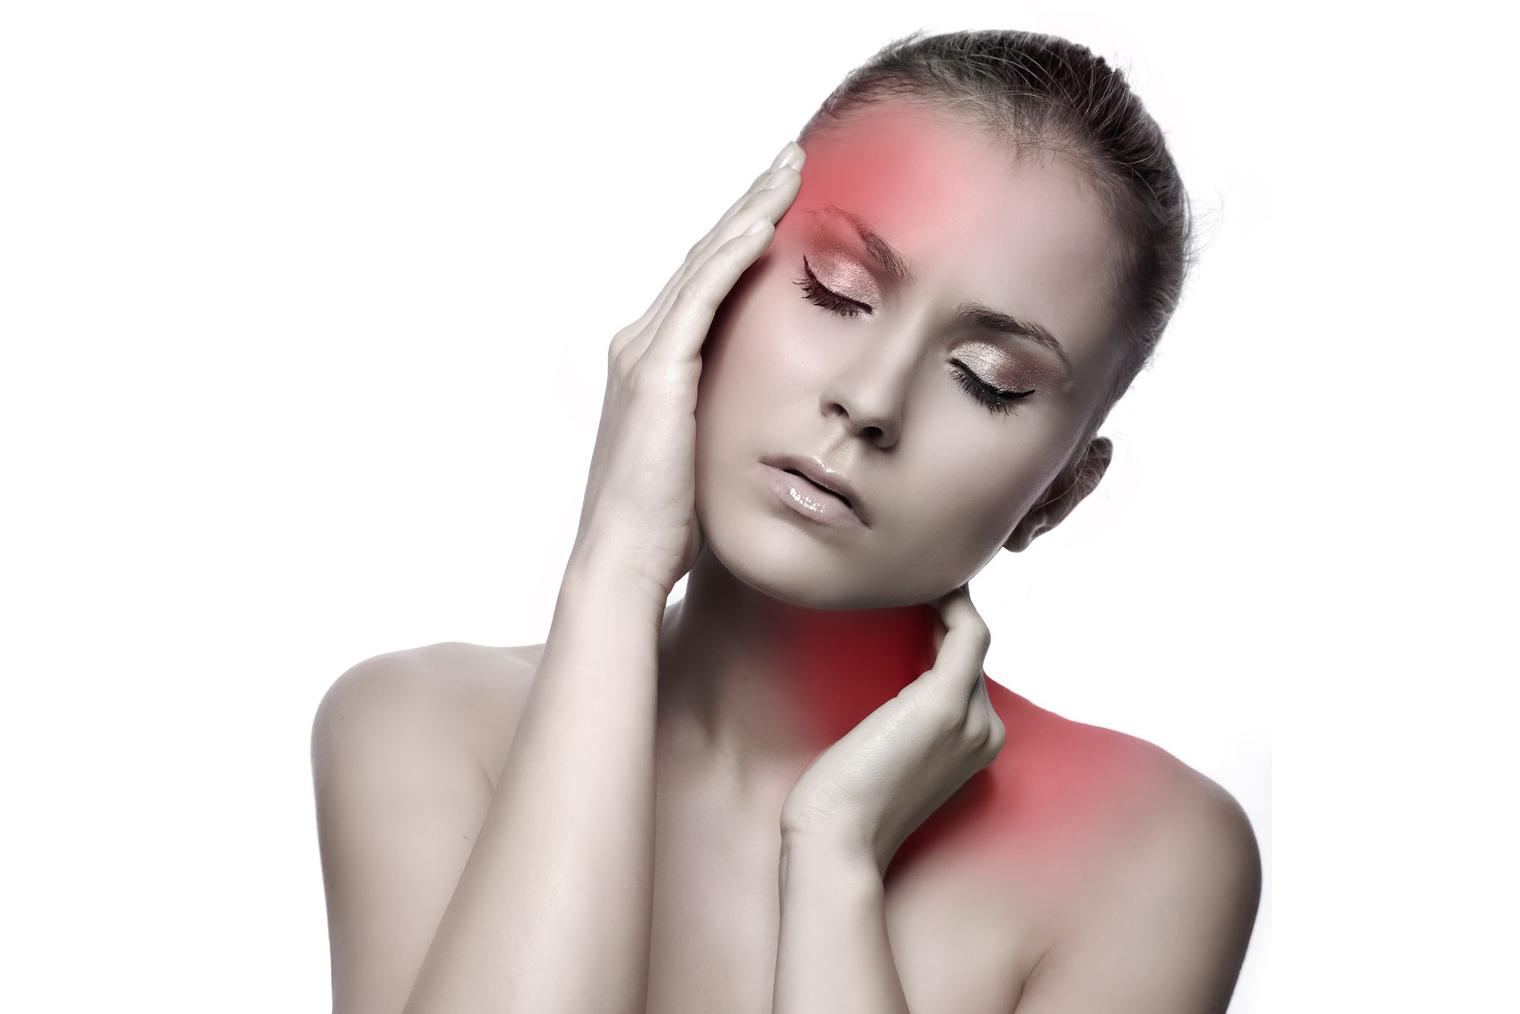 maux-de-tete-traitement-osteopathie